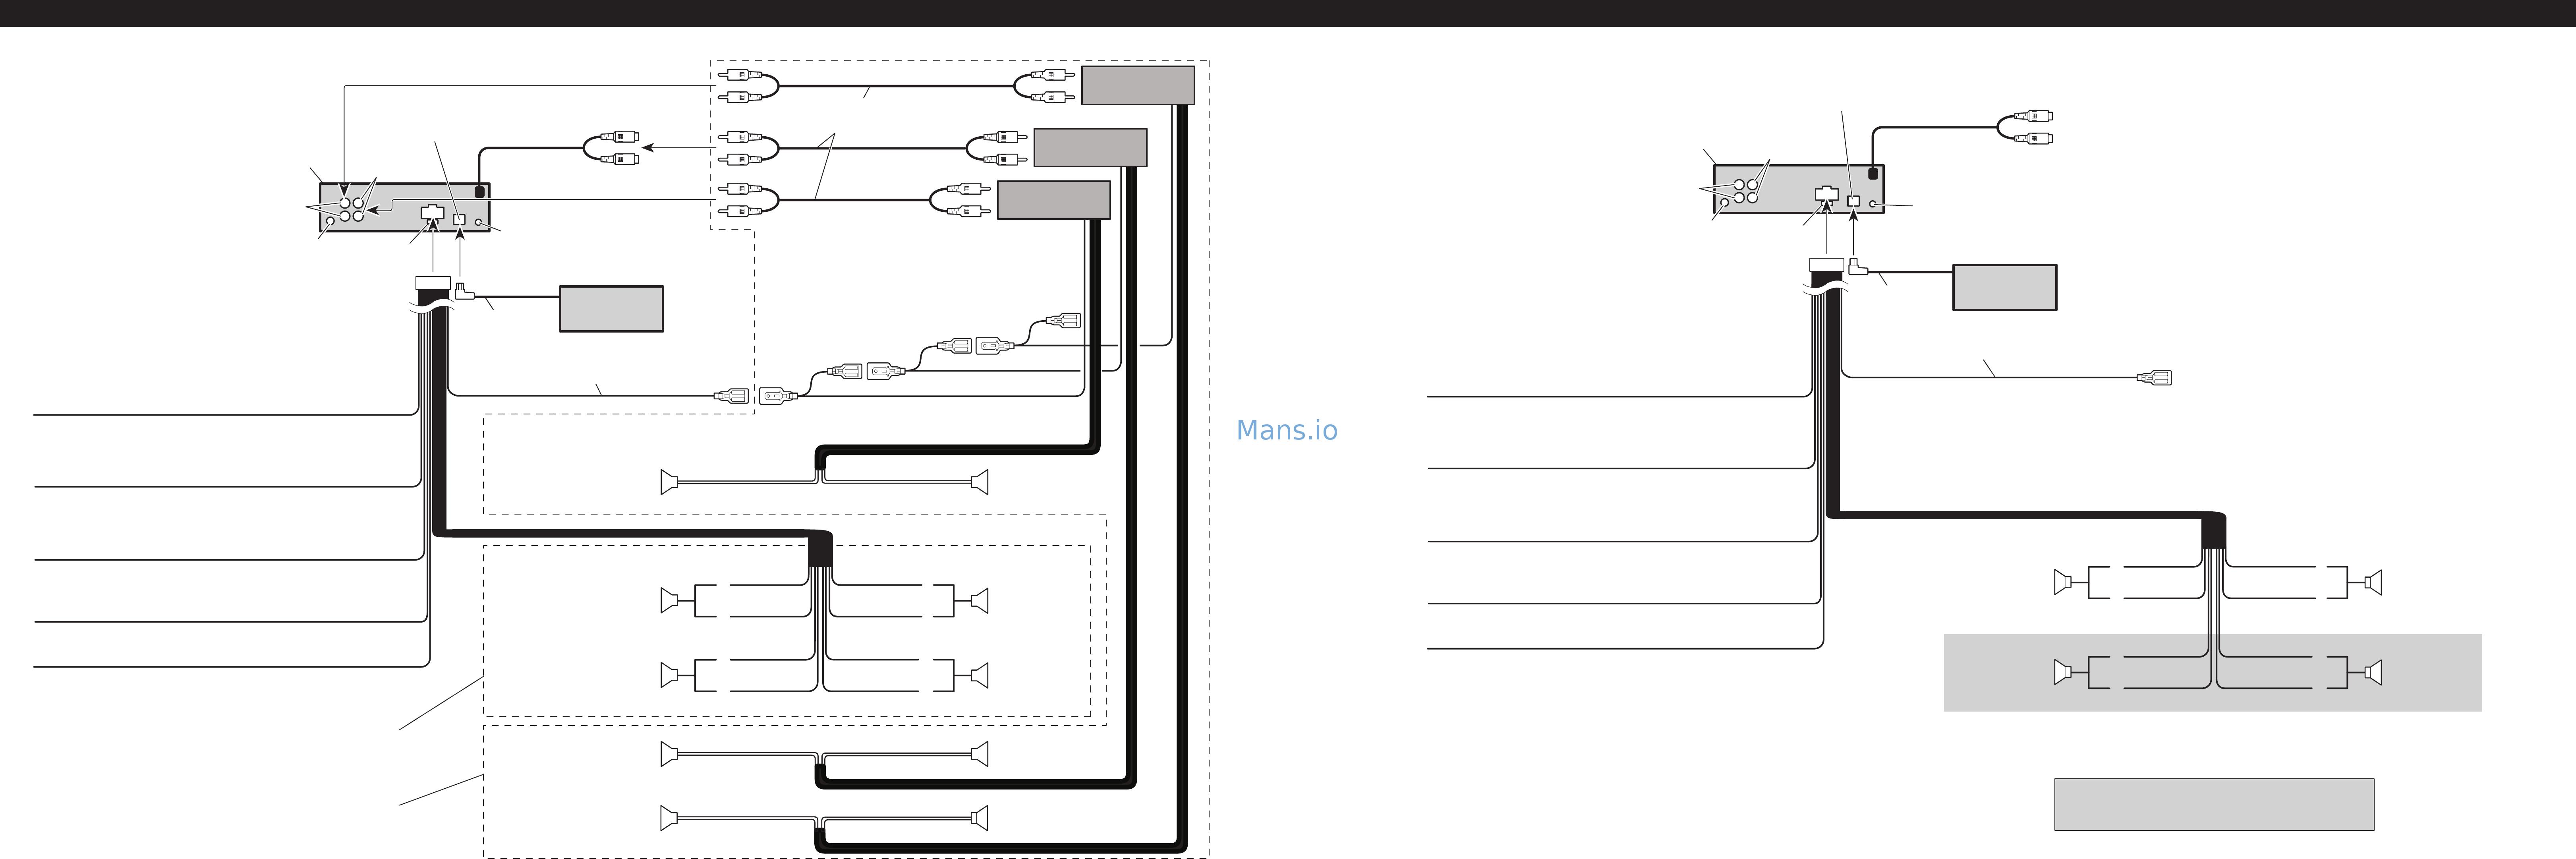 Pioneer Super Tuner 3D Wiring Diagram from schematron.org